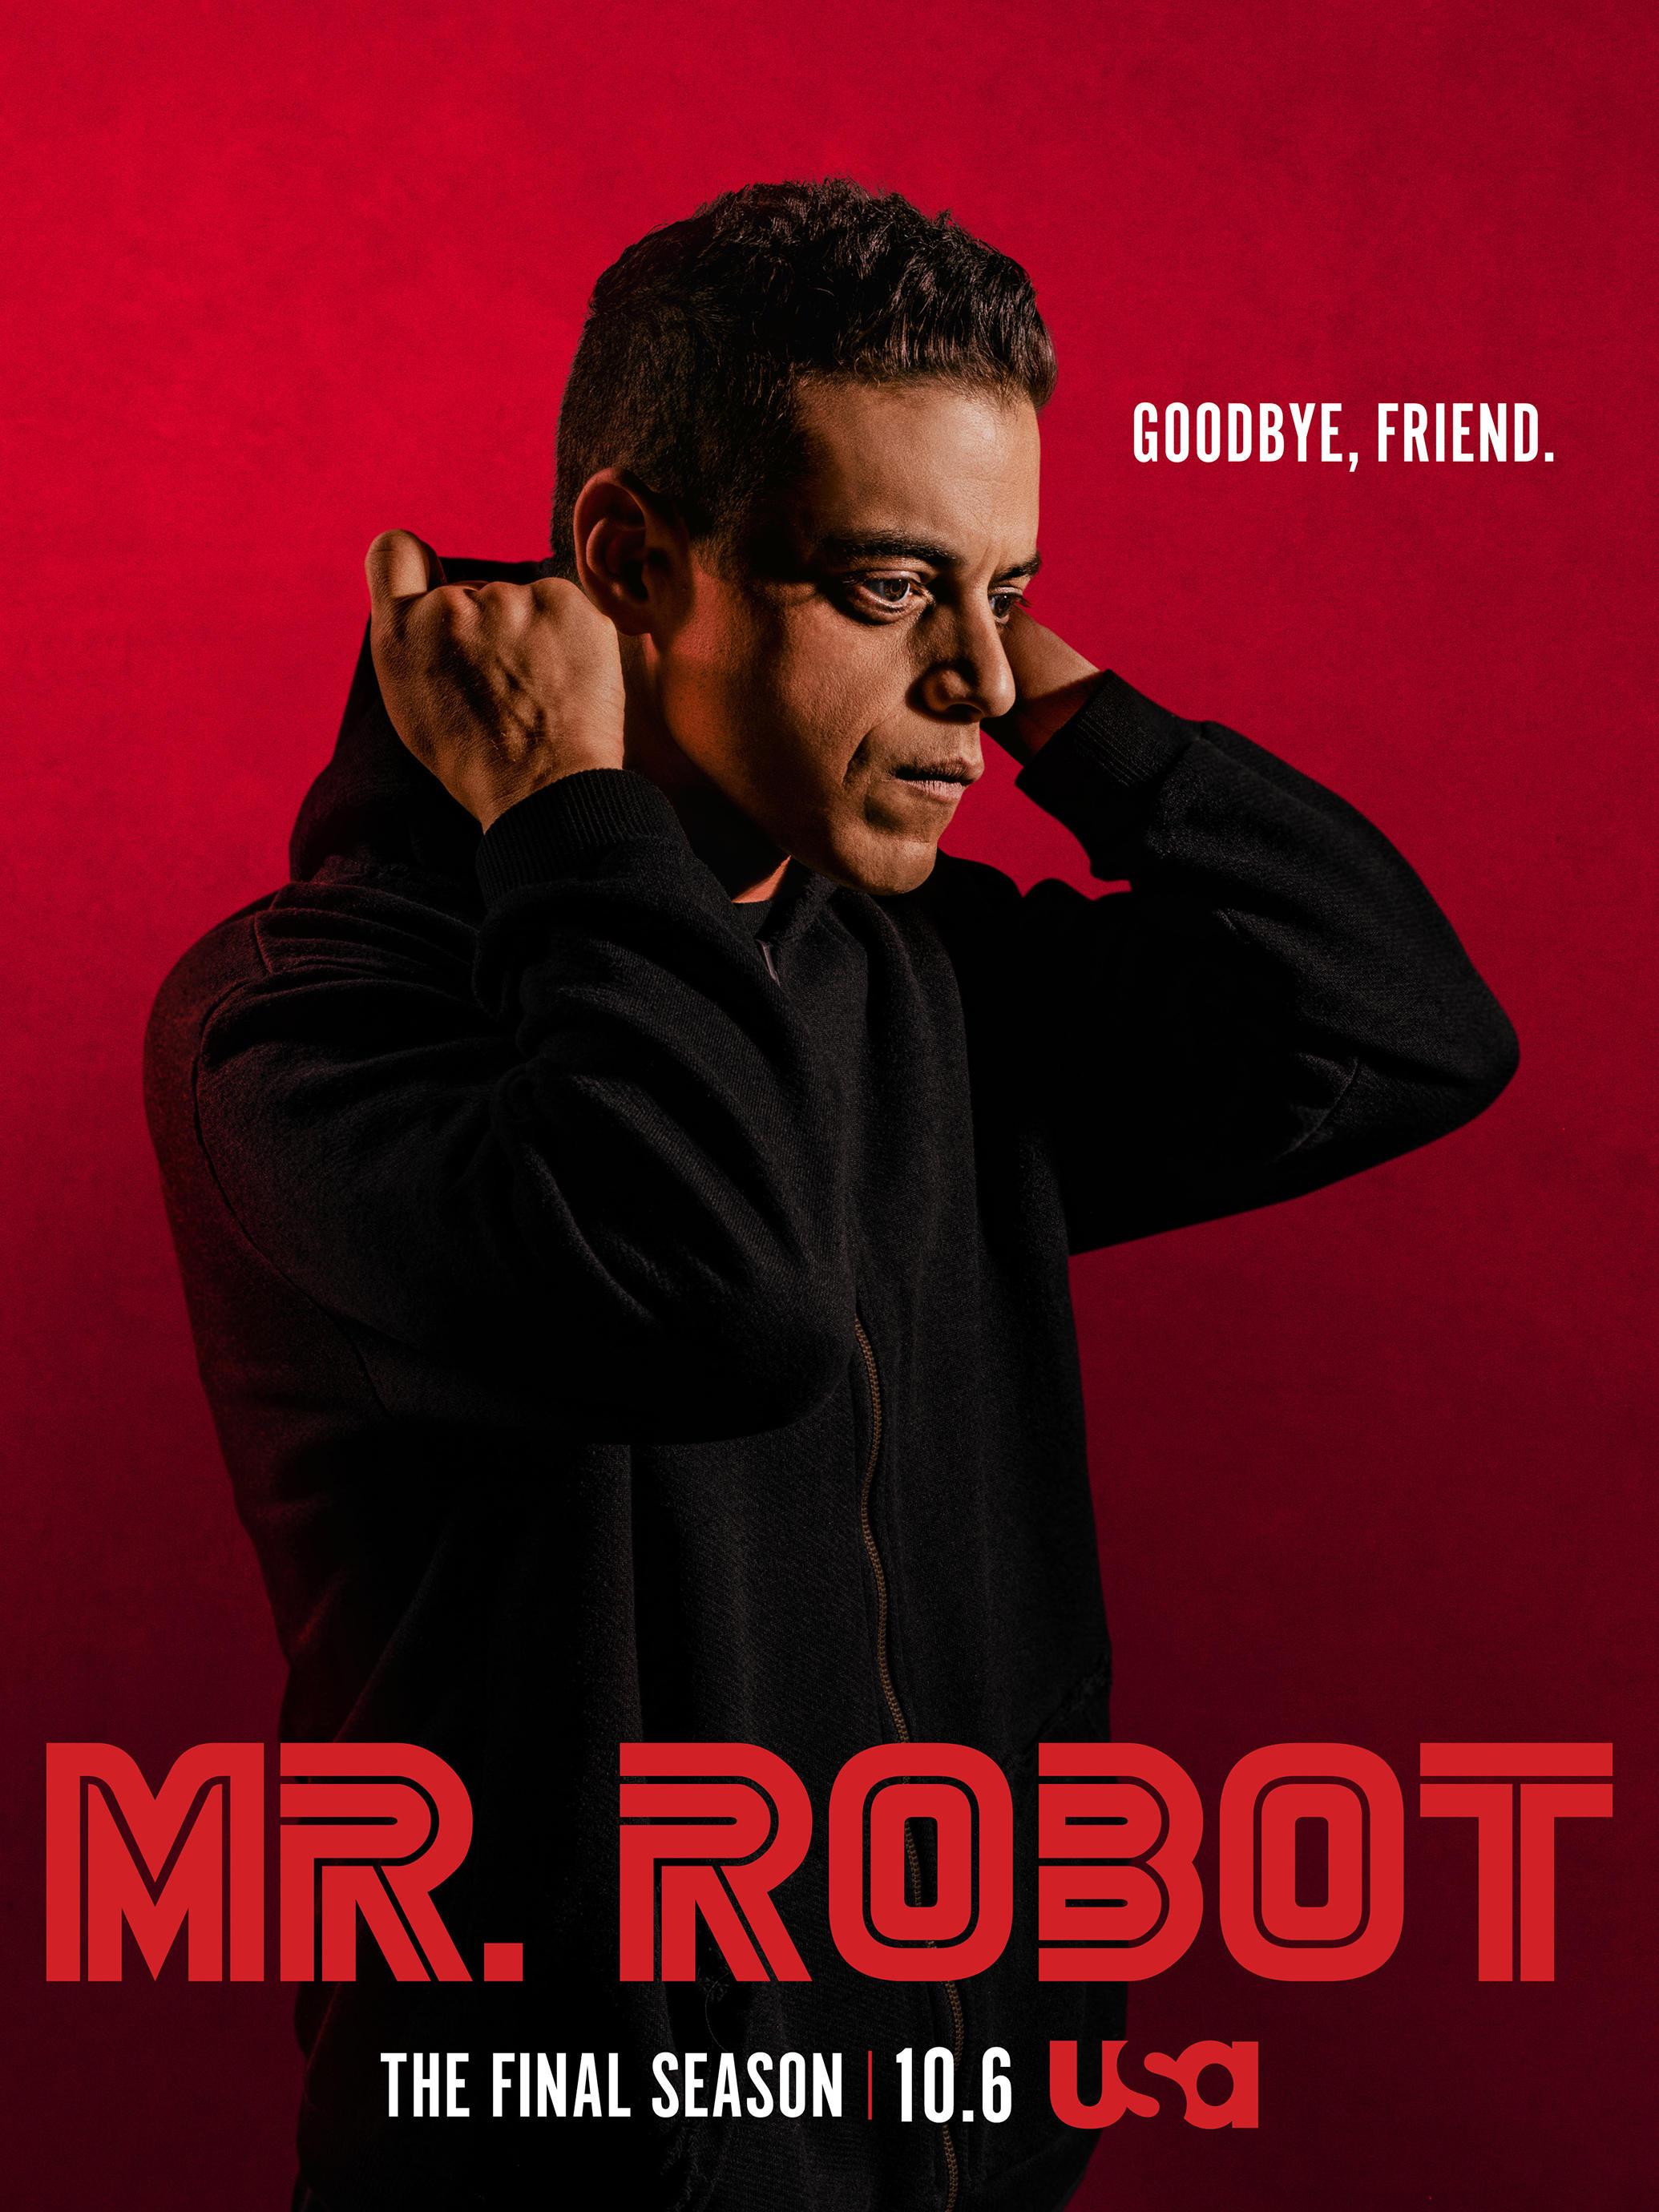 Mr. Robot sezon 4 zwiastun